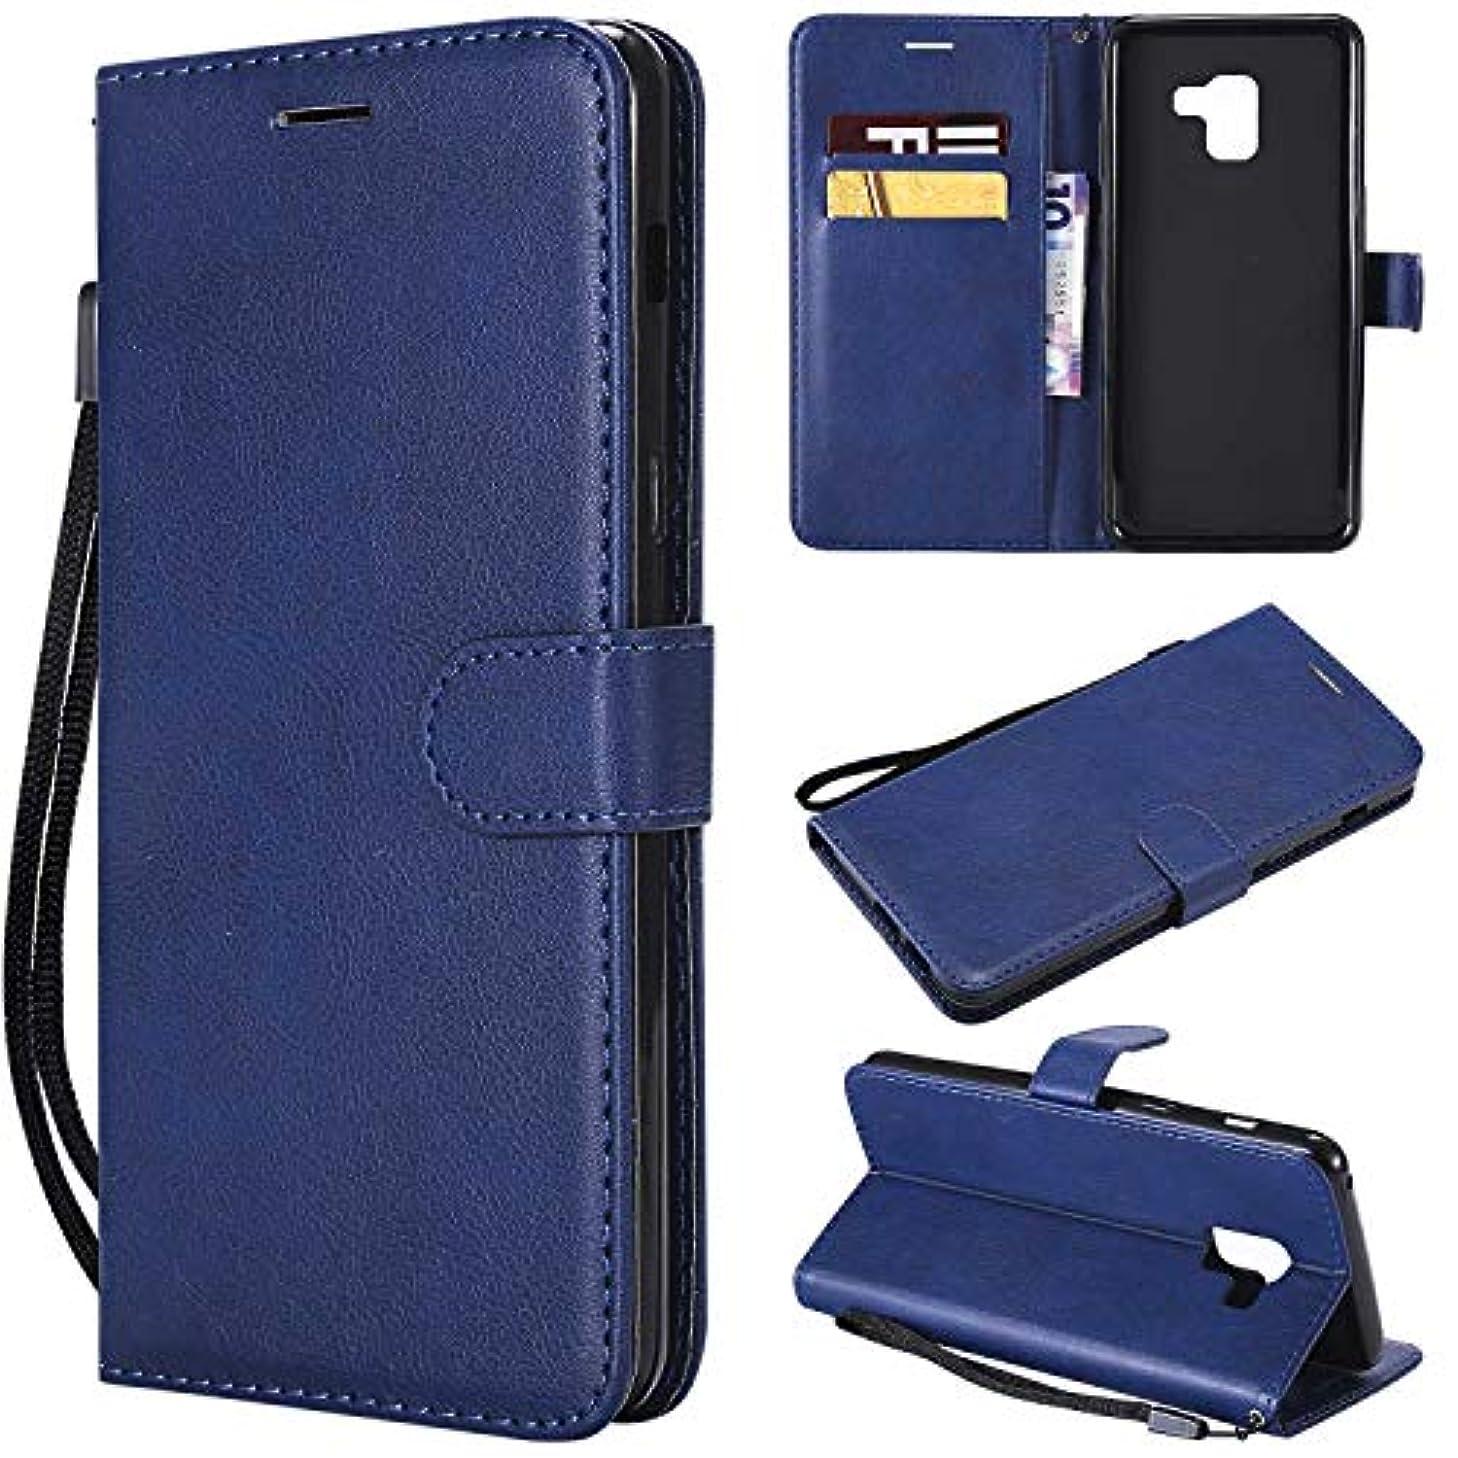 暴露する露憤るGalaxy A8 Plus ケース手帳型 OMATENTI レザー 革 薄型 手帳型カバー カード入れ スタンド機能 サムスン Galaxy A8 Plus おしゃれ 手帳ケース (6-ブルー)